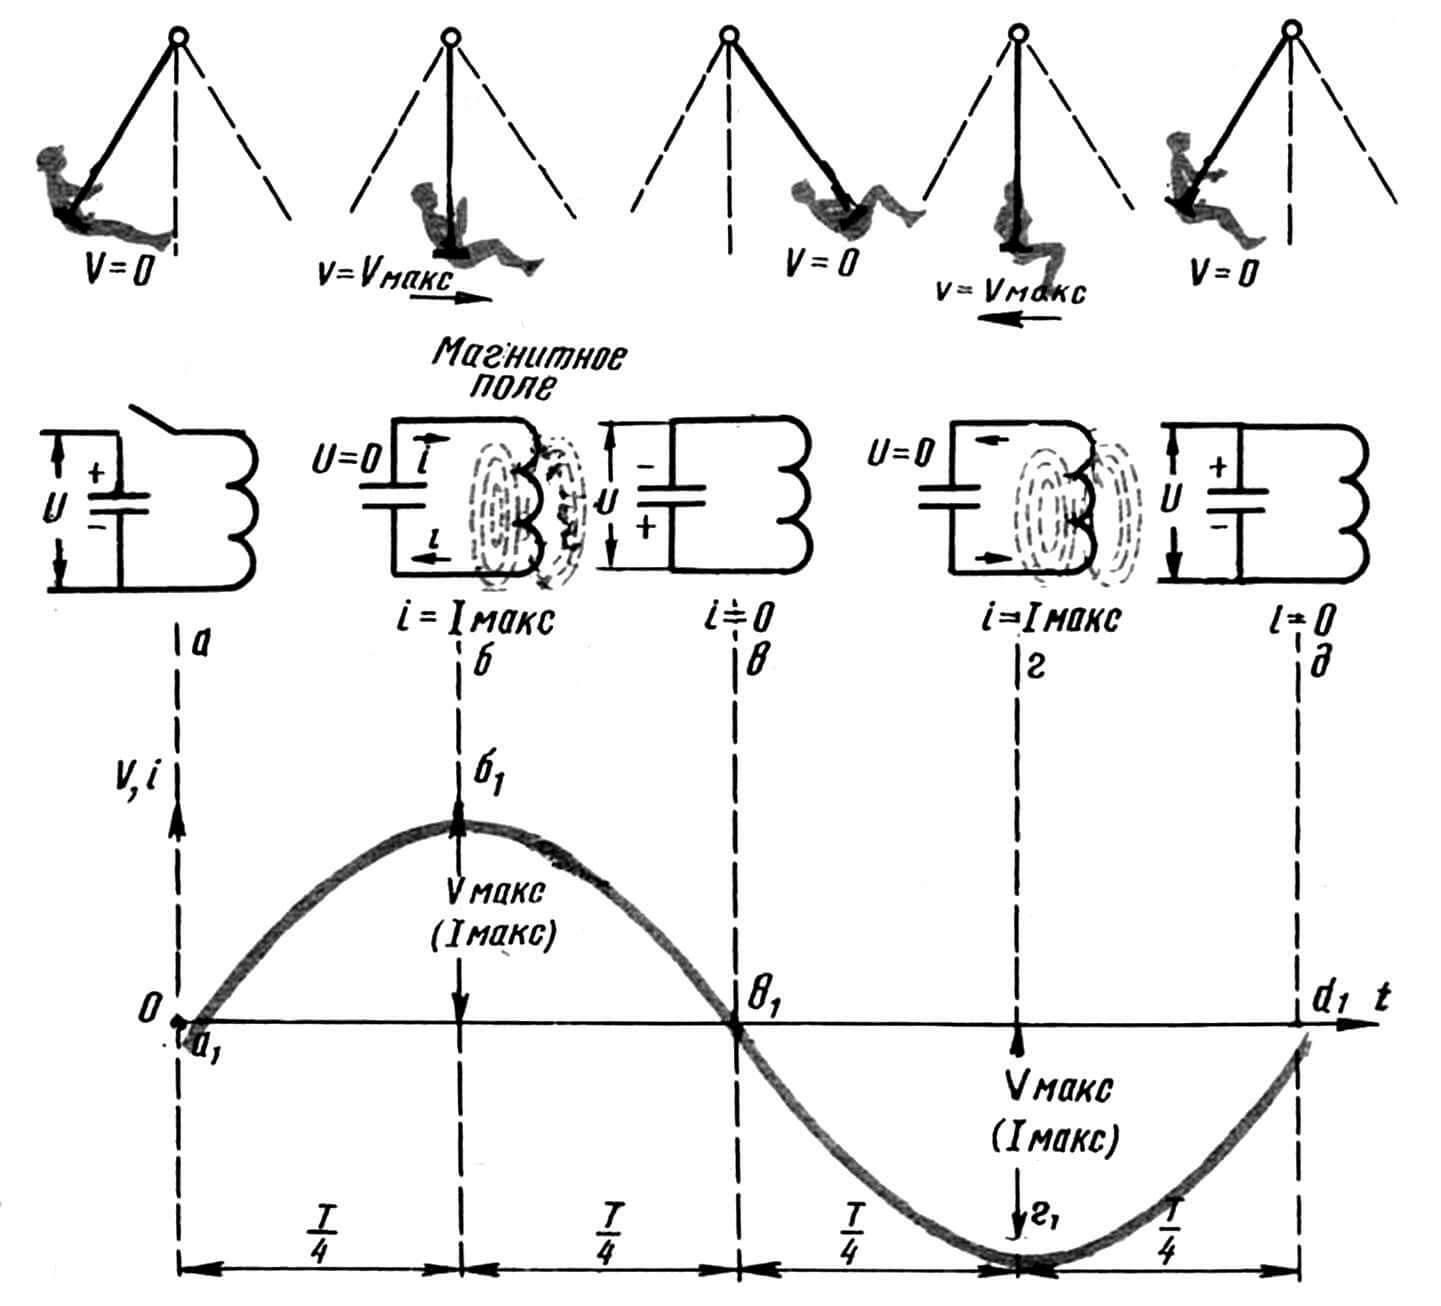 Рис. 1. Качели и их электрический аналог — колебательный контур (обозначения в тексте): а...6 — переход потенциальной энергии в кинетическую (энергии электрического поля конденсатора в энергию магнитного поля (катушки); в...г — второй полупериод колебания энергии.